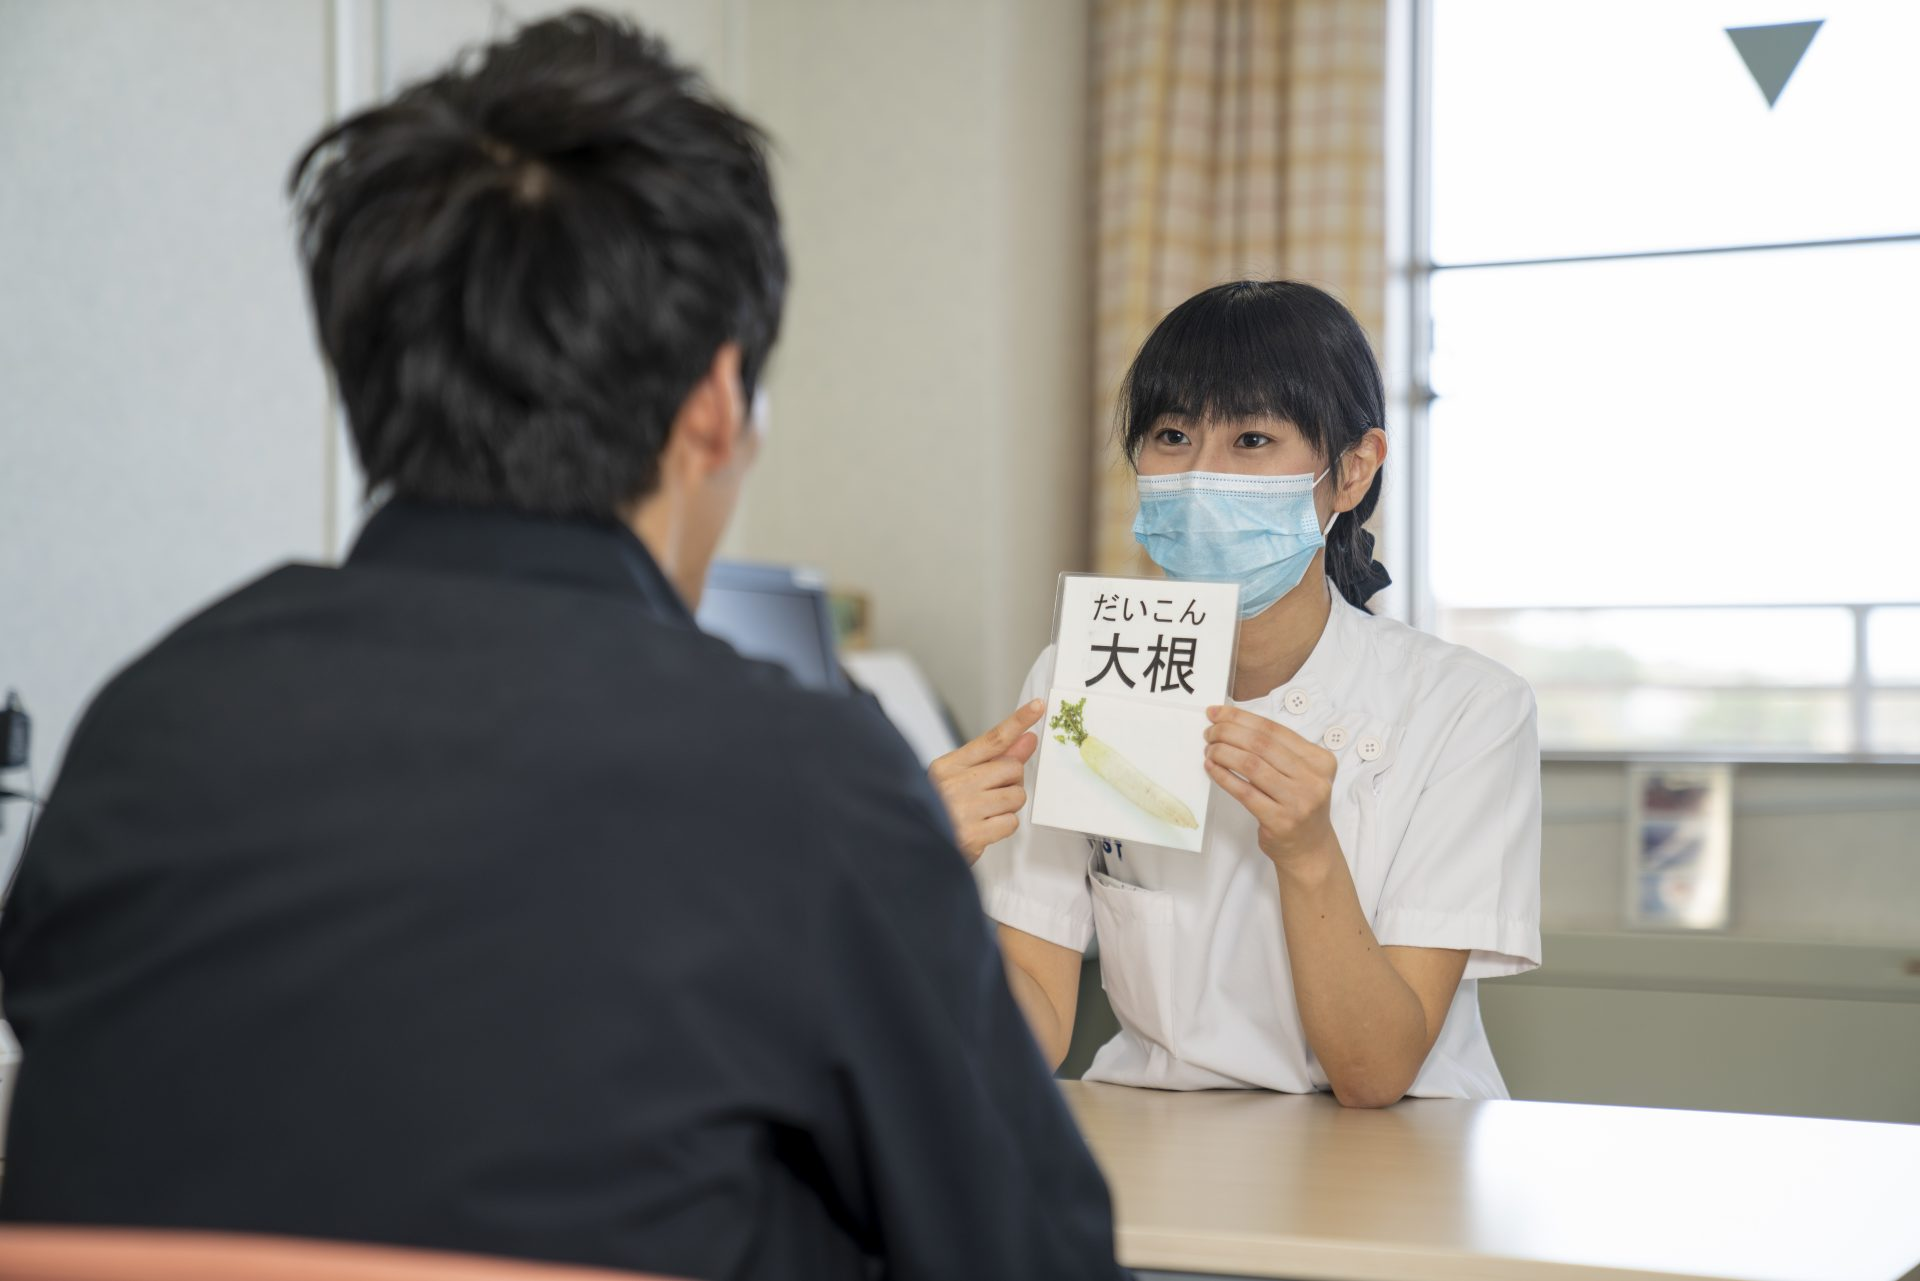 写真:言語聴覚士が患者にカードを見せている様子2